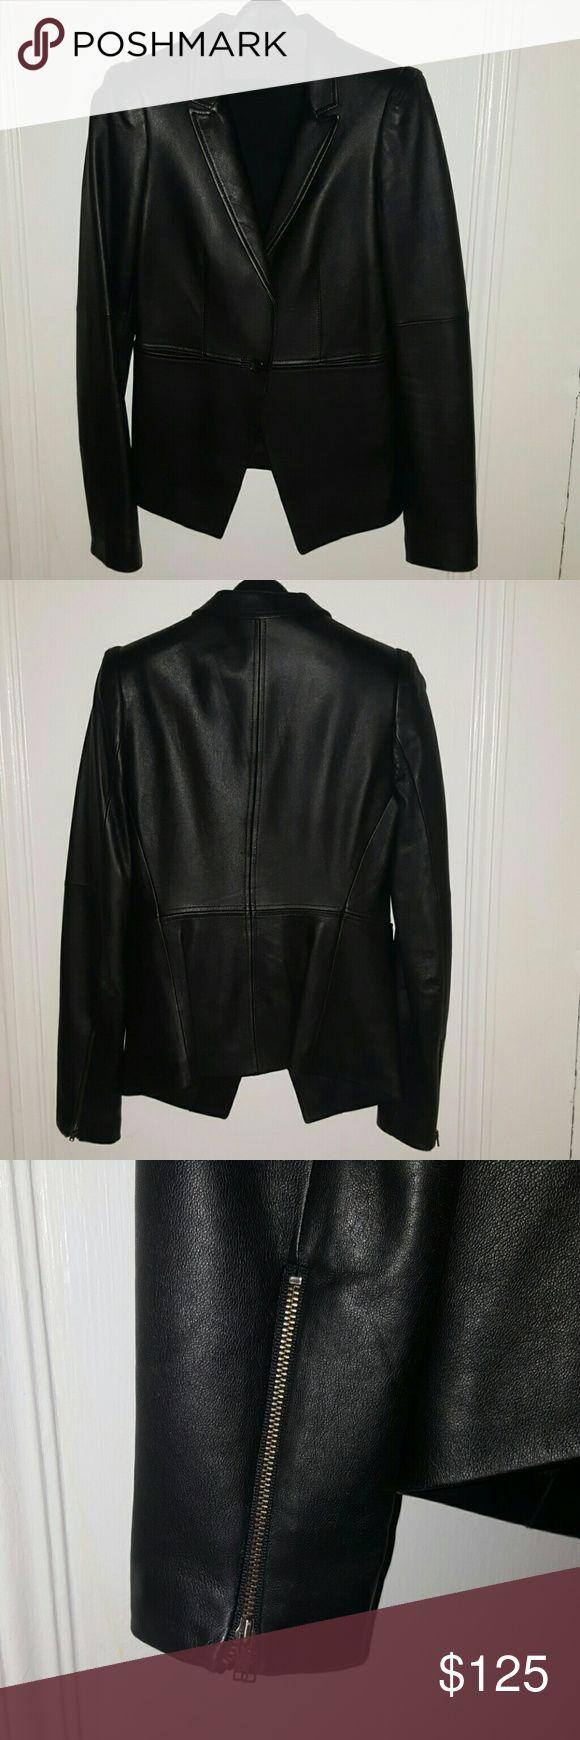 Leather Jacket Beautiful hardly ever worn - LIKE NEW - designer leather jacket Elizabeth and James Jackets & Coats Blazers